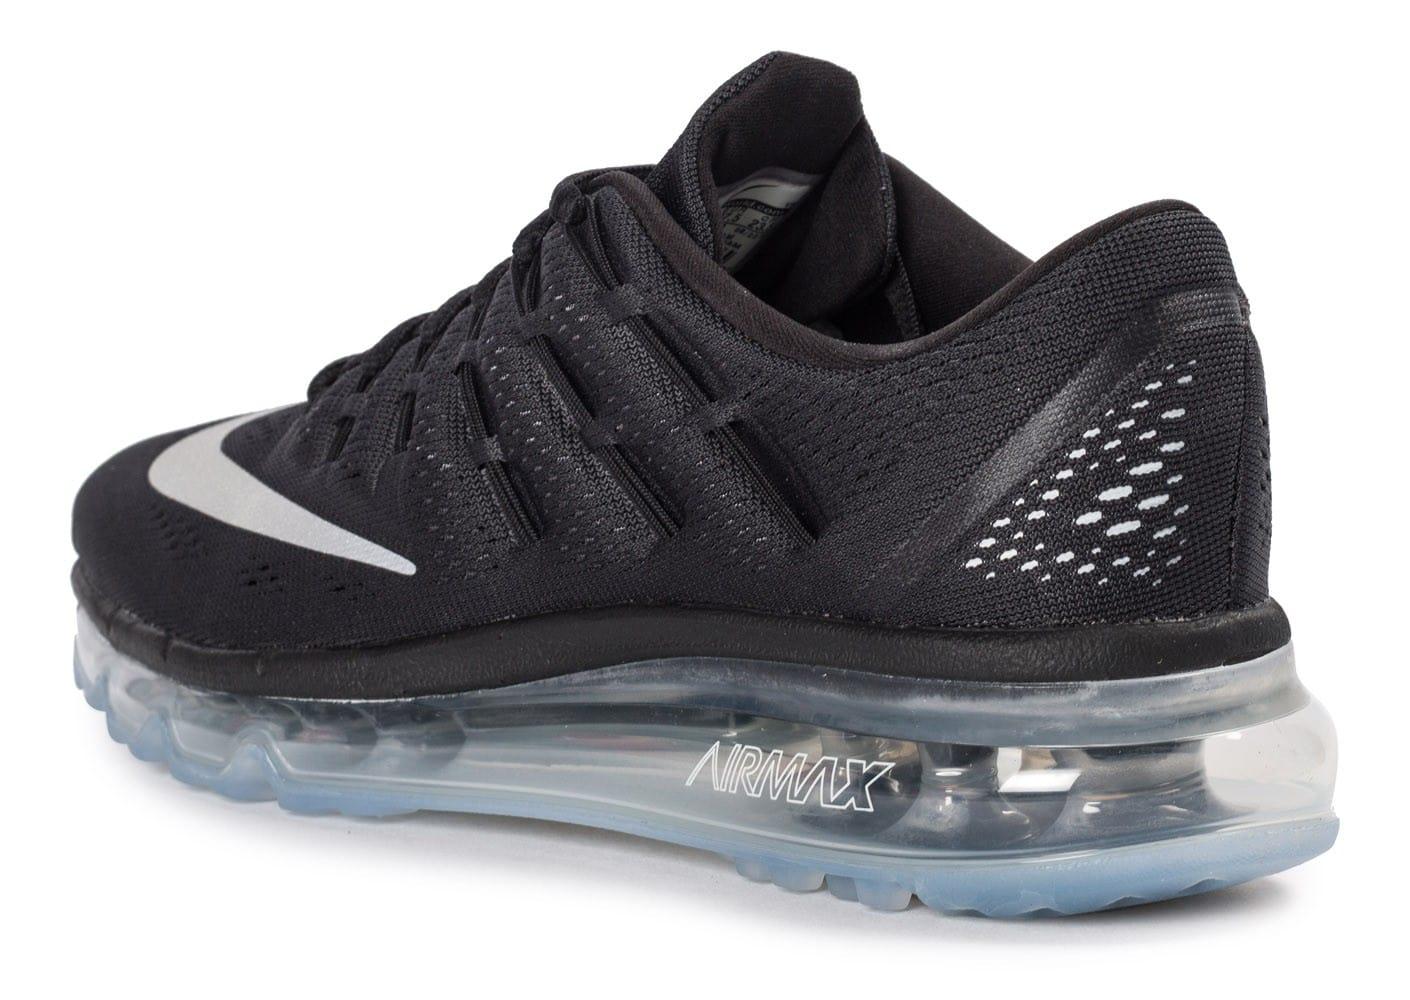 nike air max 2016 baskets chaussures noir